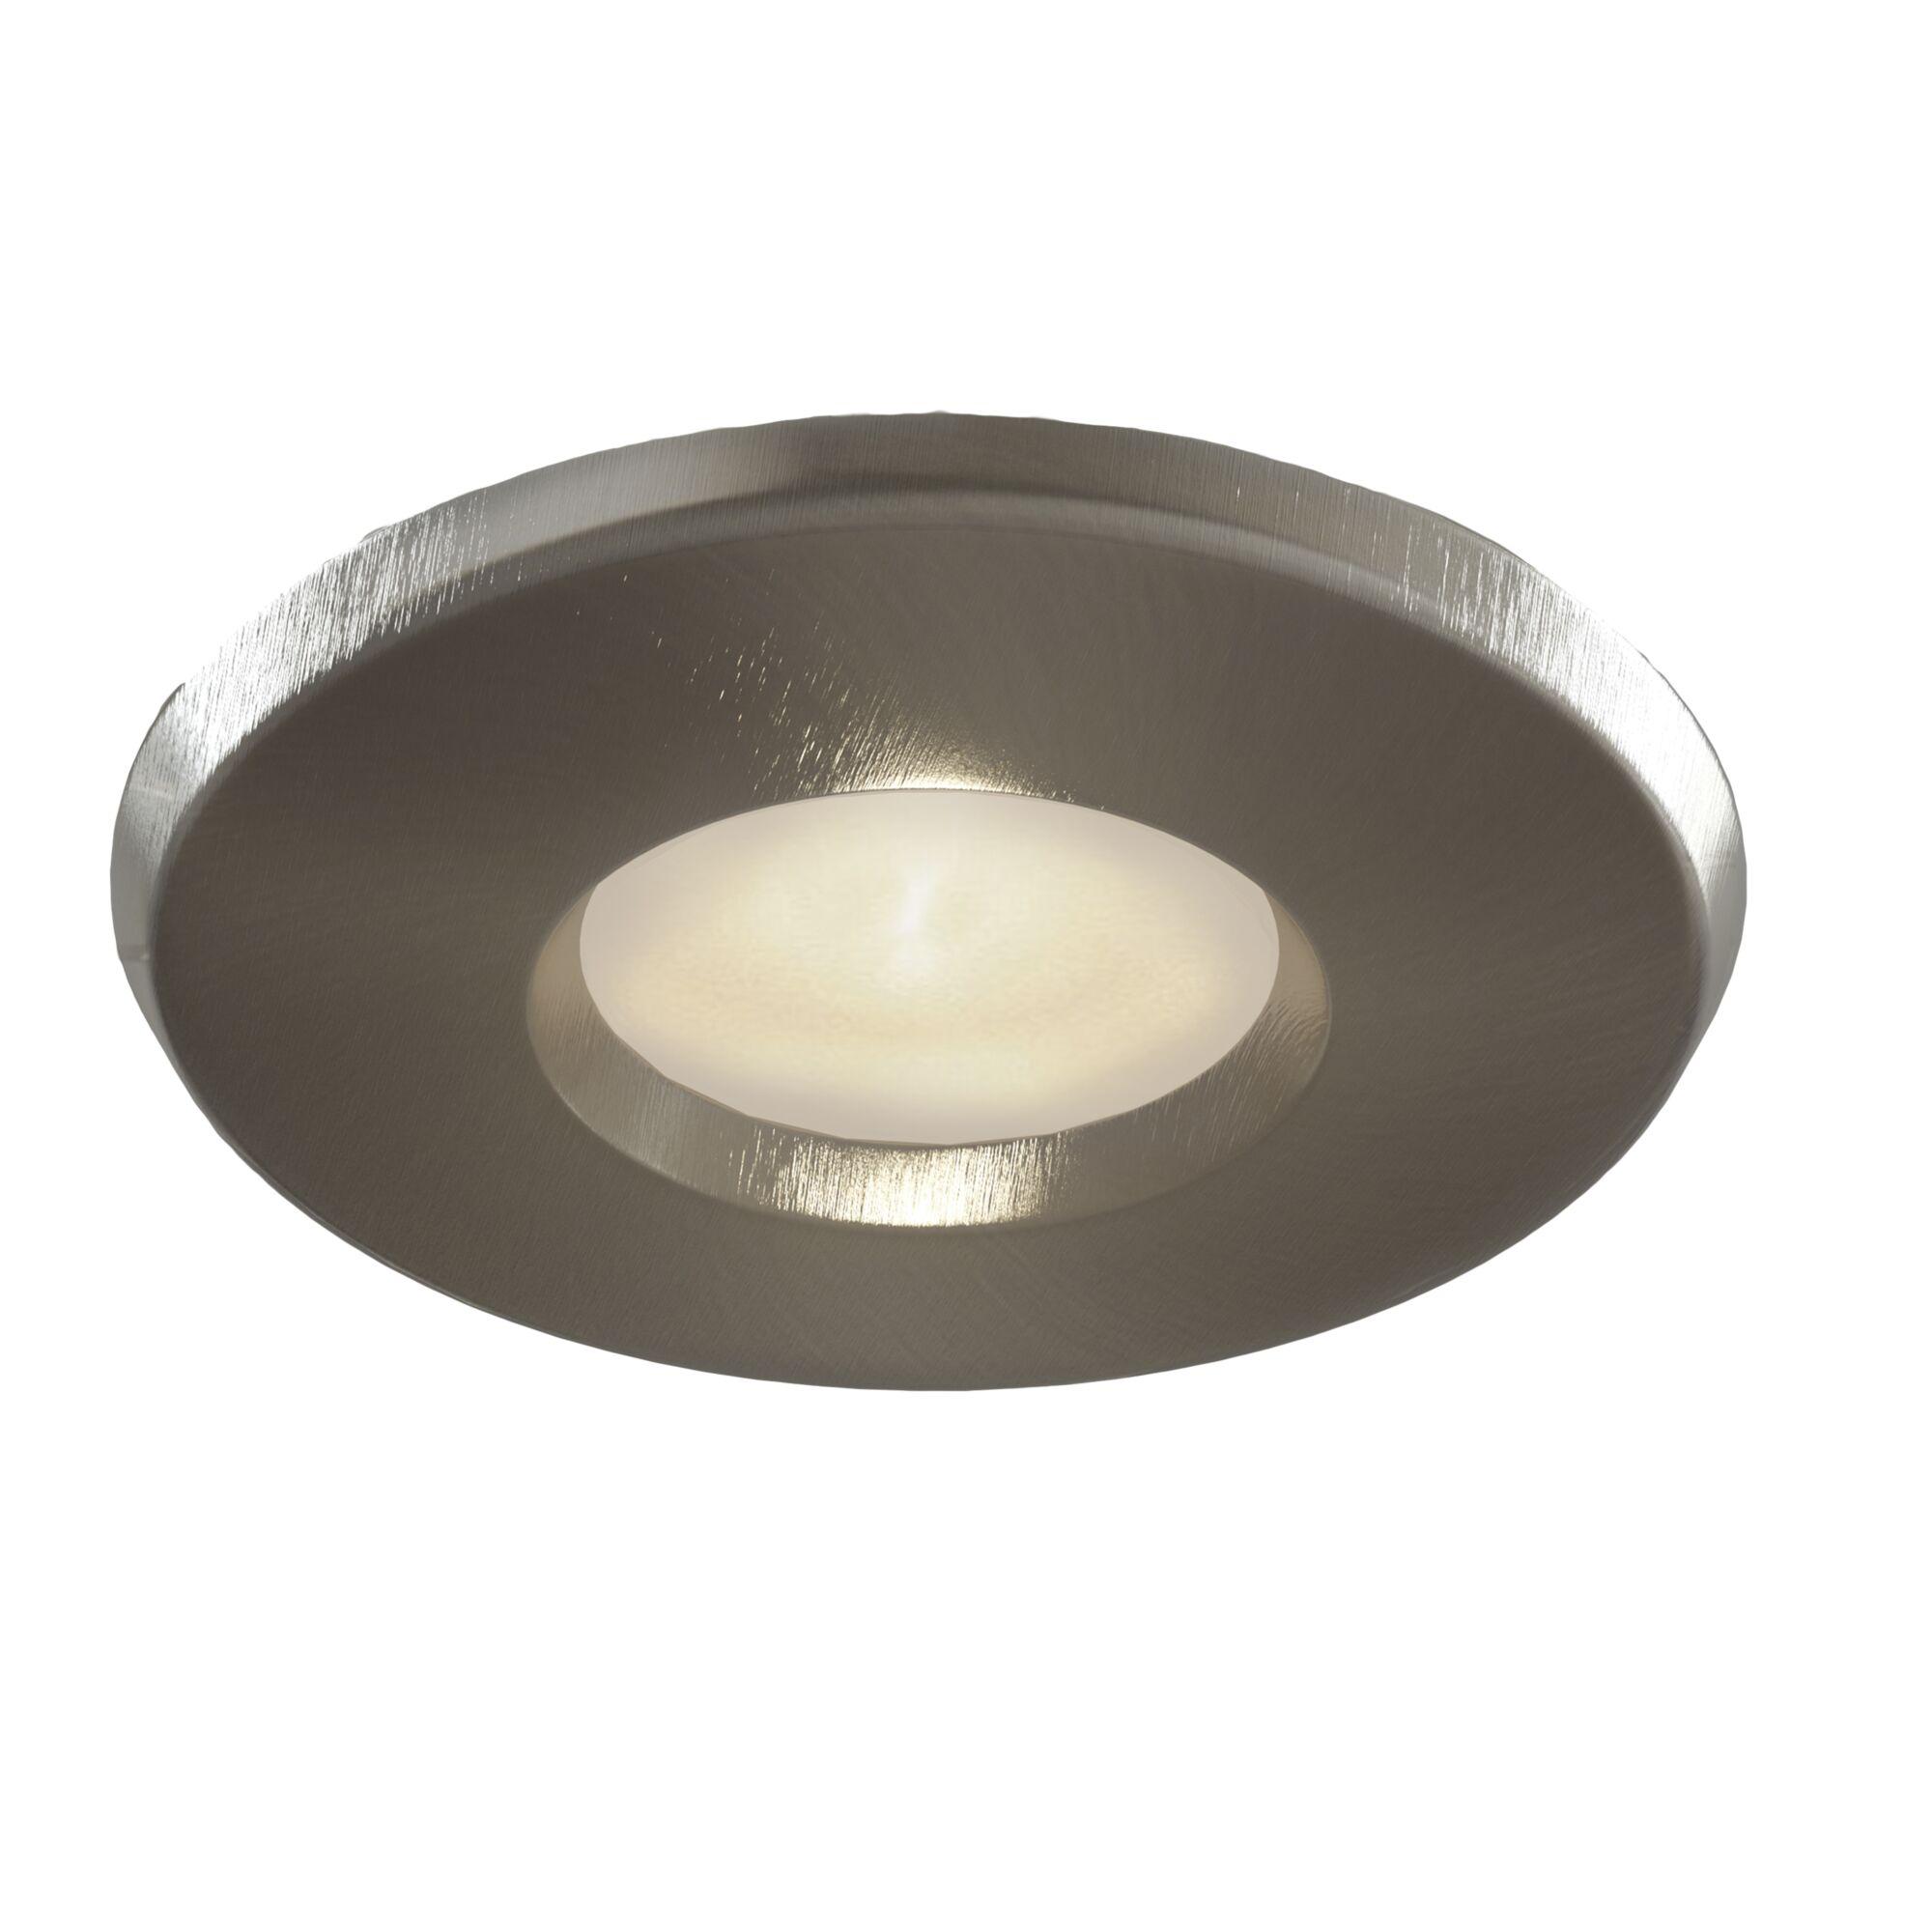 Встраиваемый светильник Maytoni DL010-3-01-N